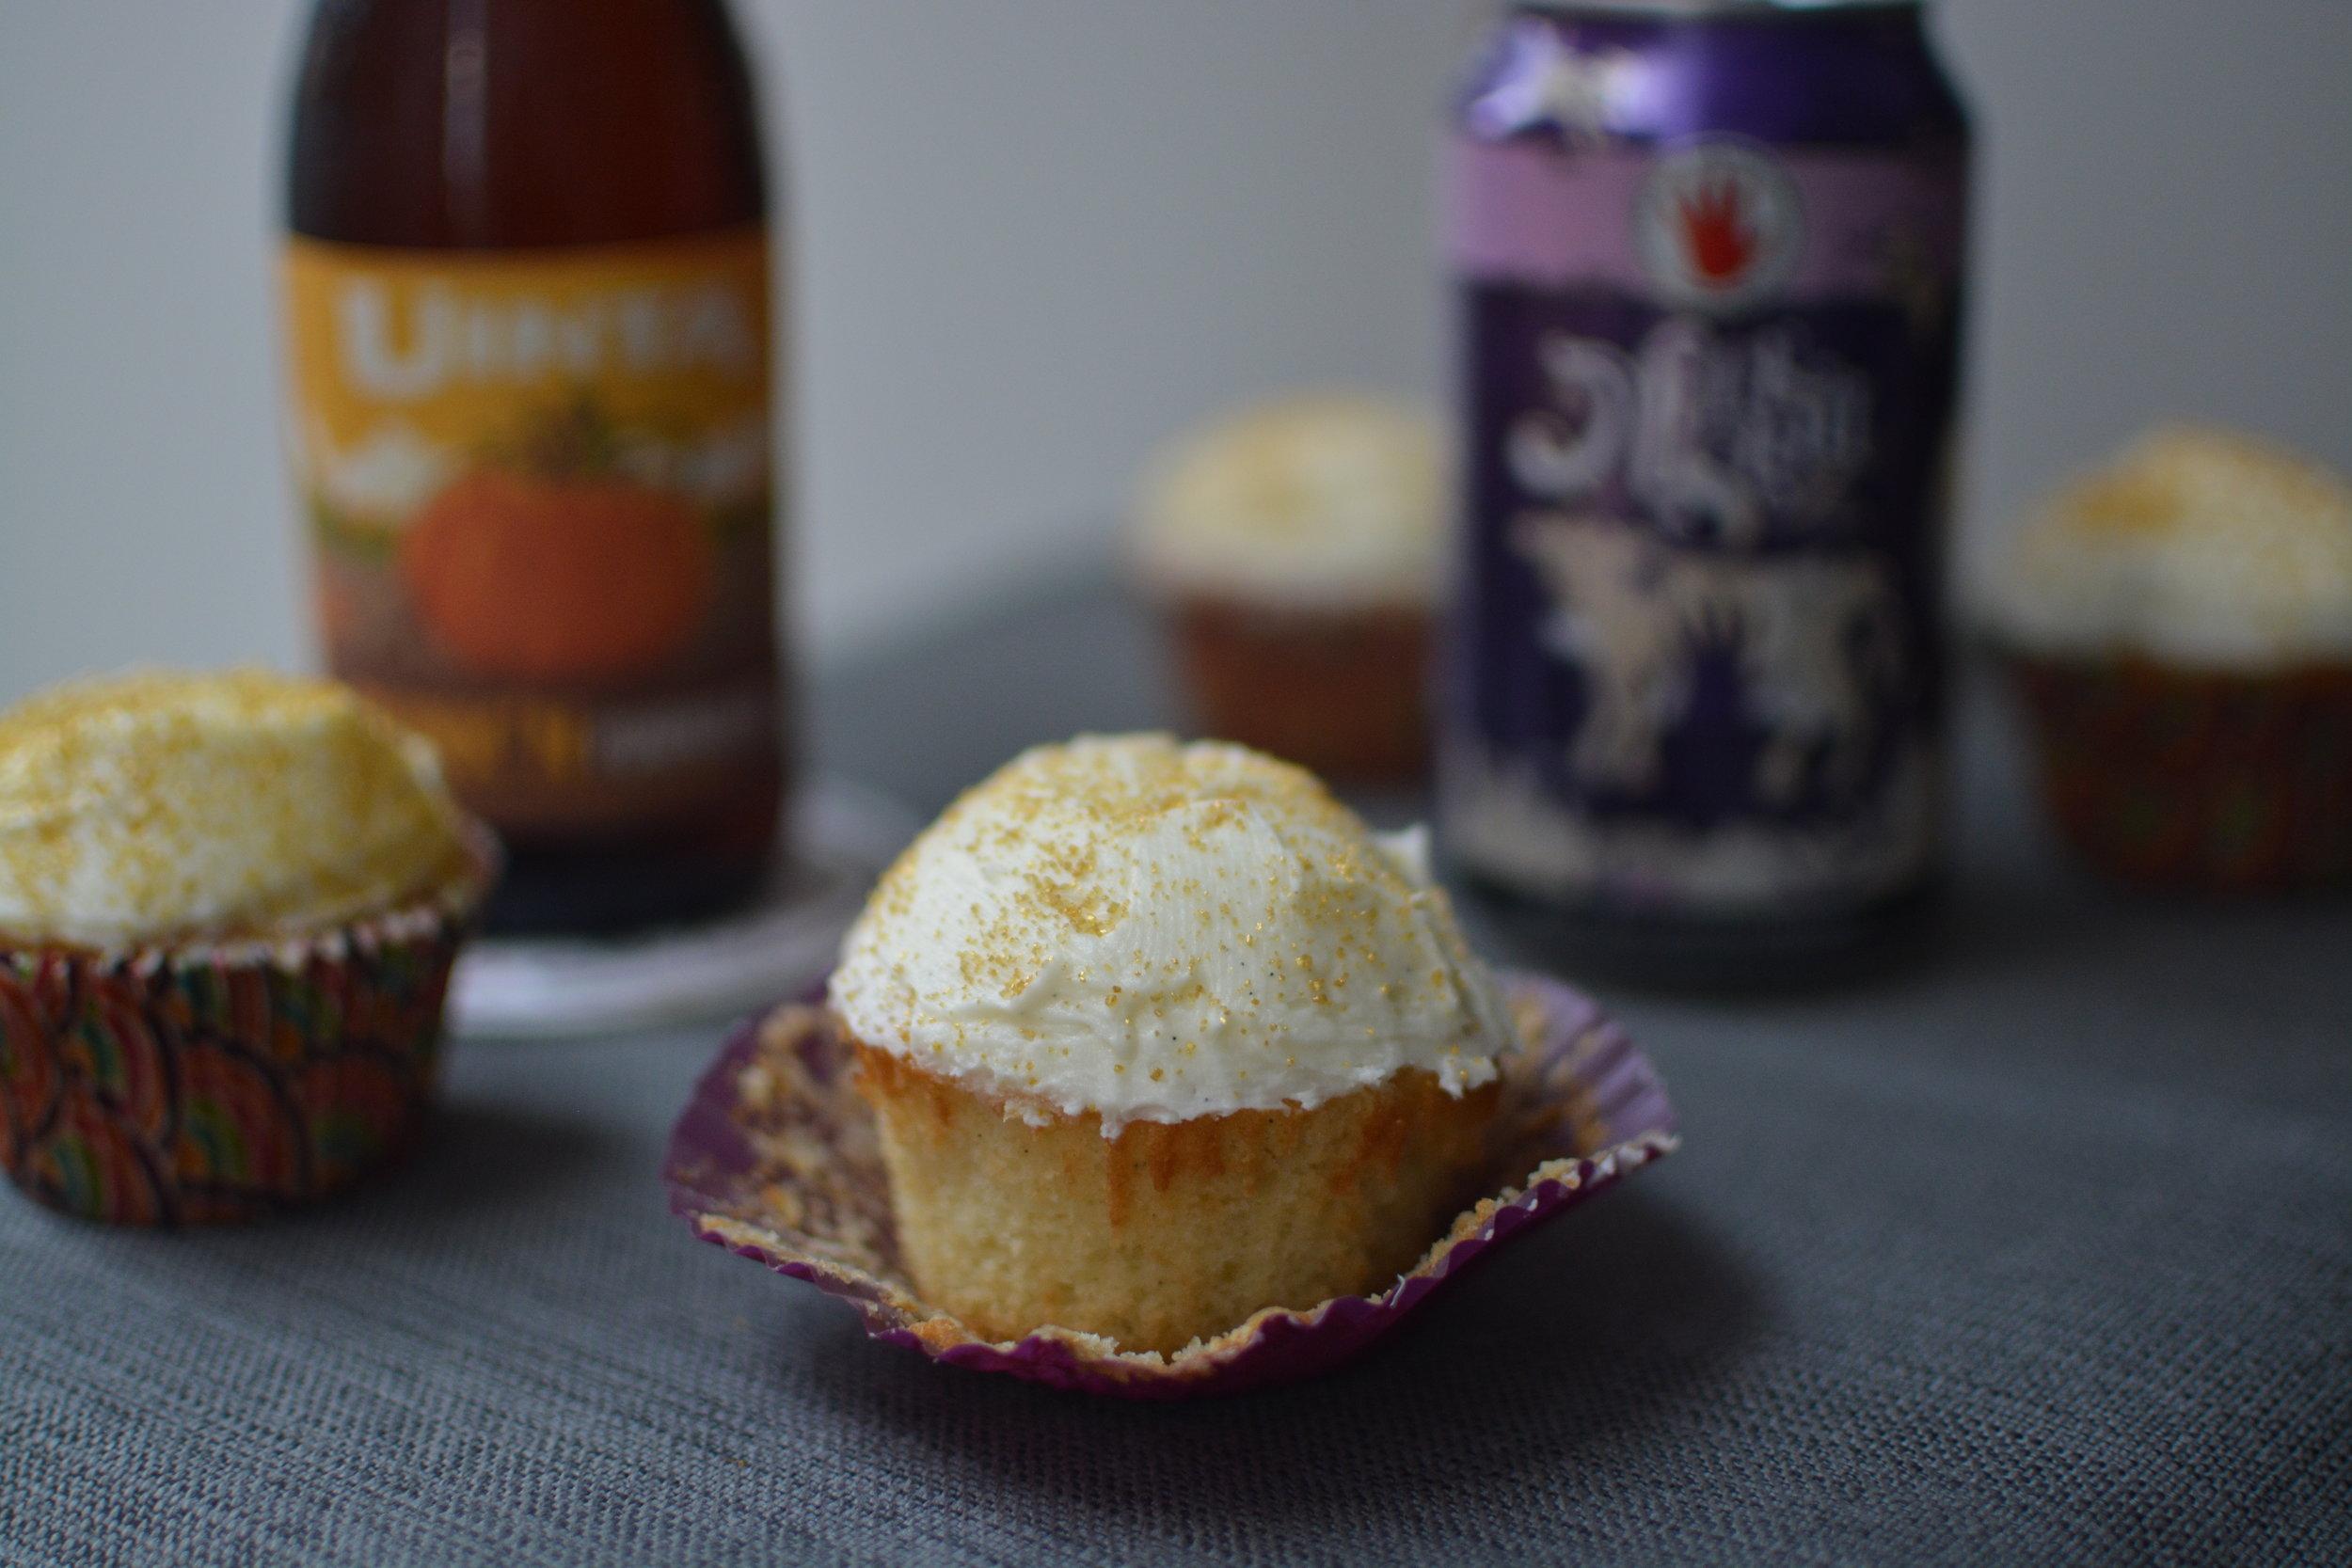 pumpkin-beer-cupcake.JPG